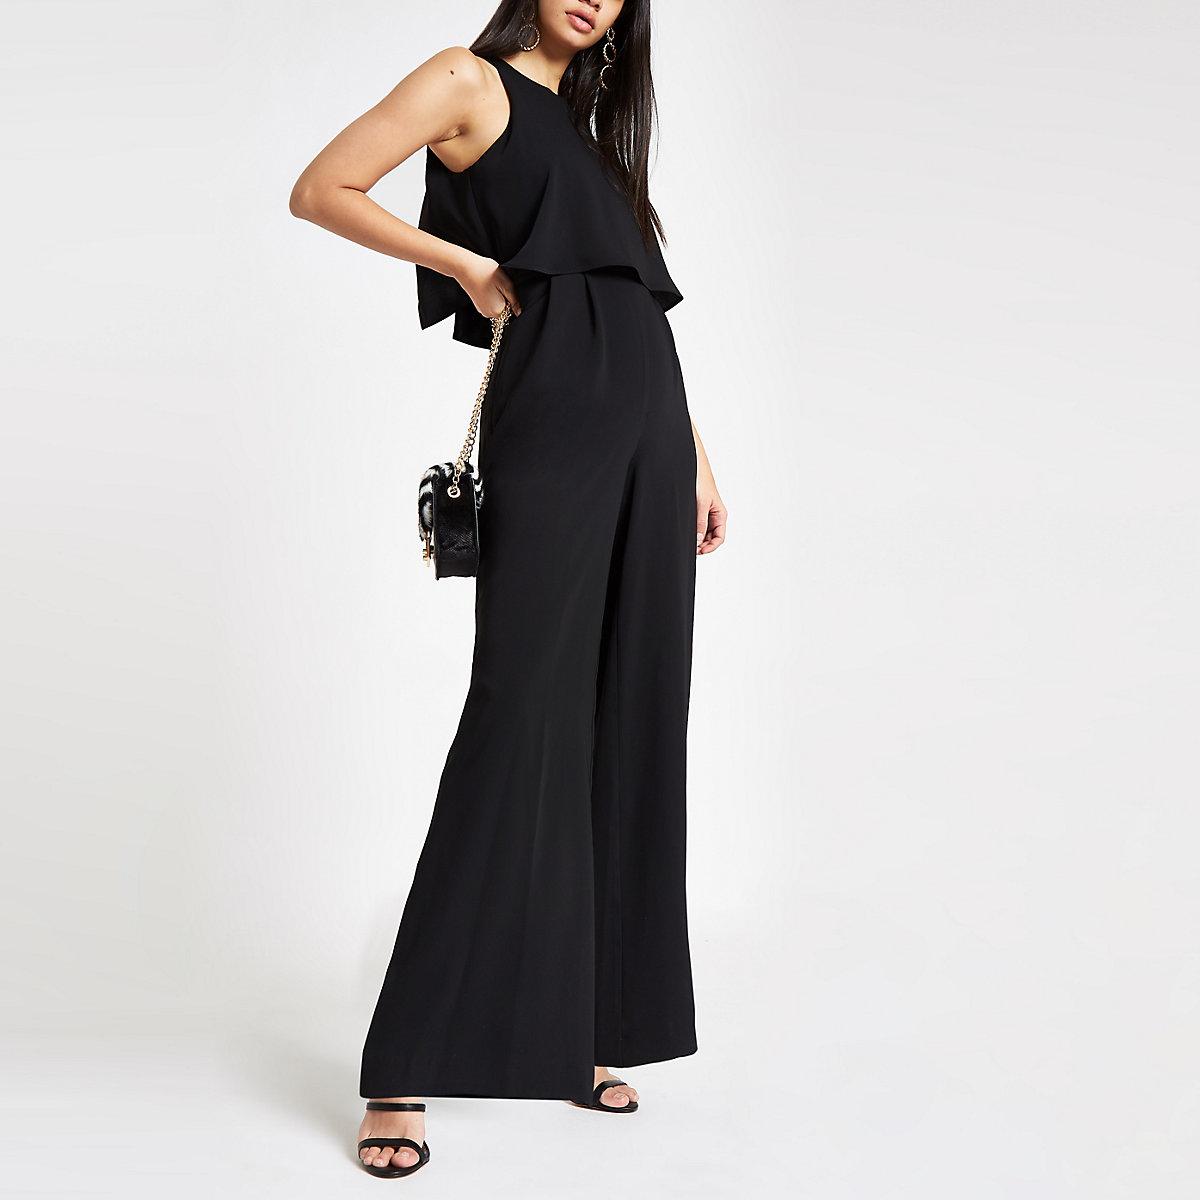 Black wide leg jumpsuit